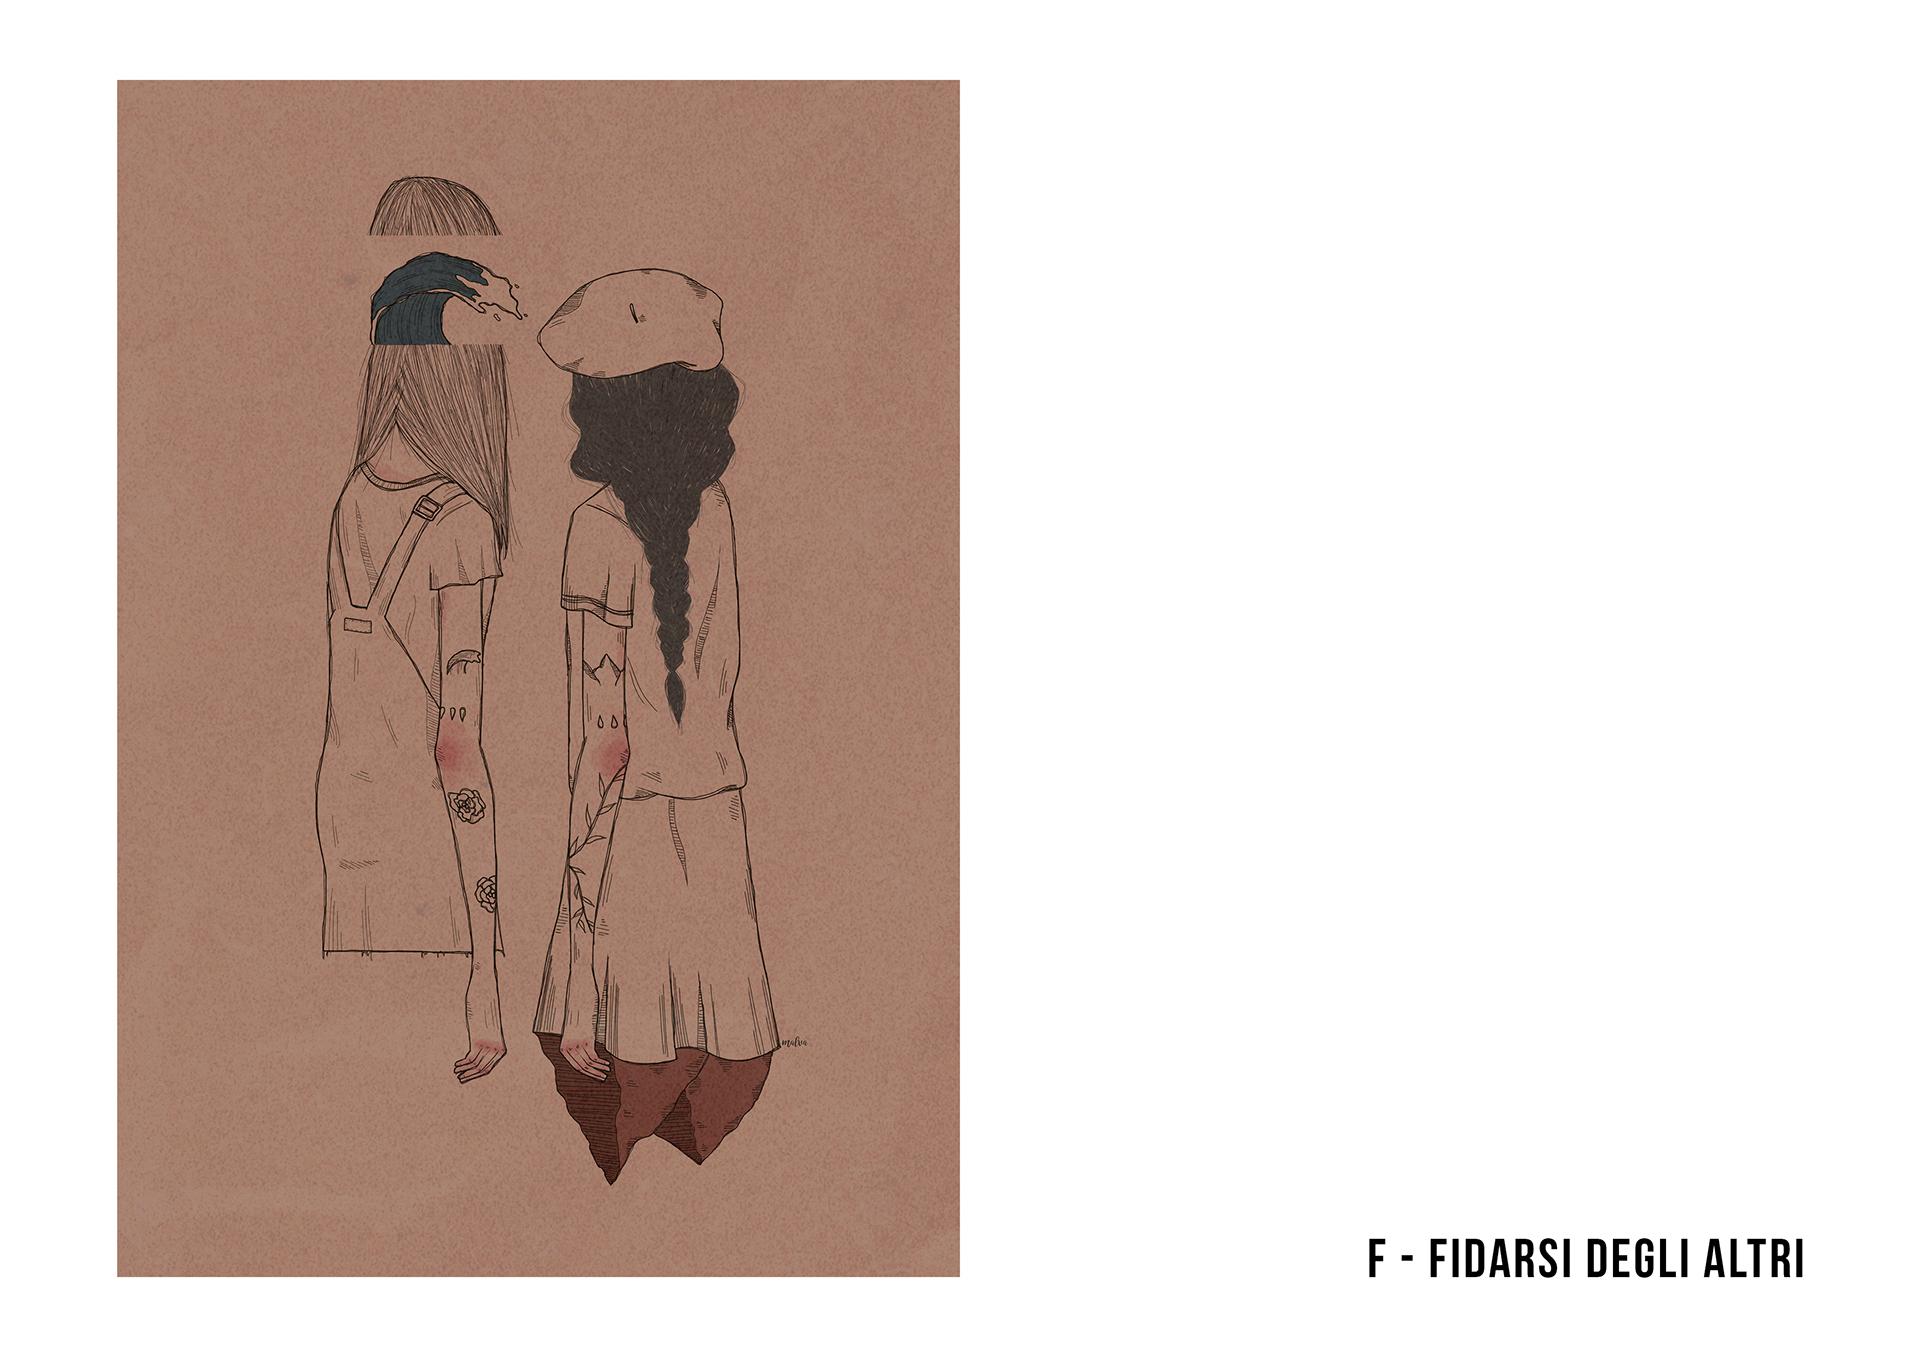 abbecedario illustrato viaggi solitaria francone 6